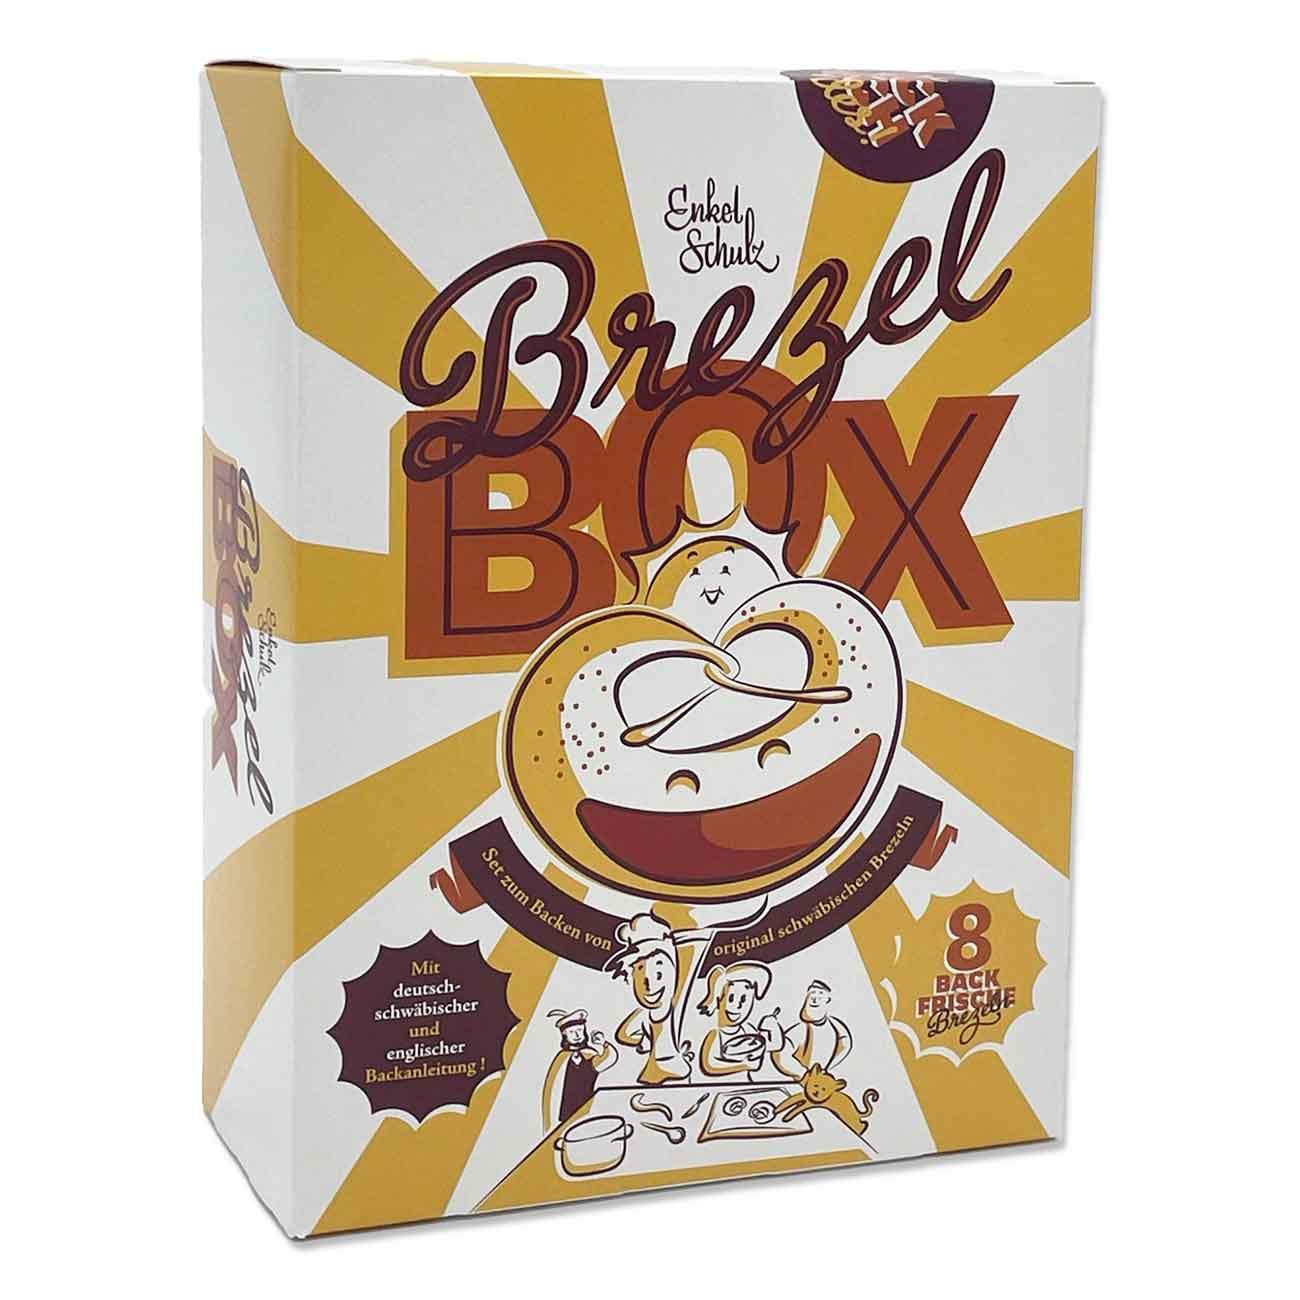 Brezelbox mit Wein